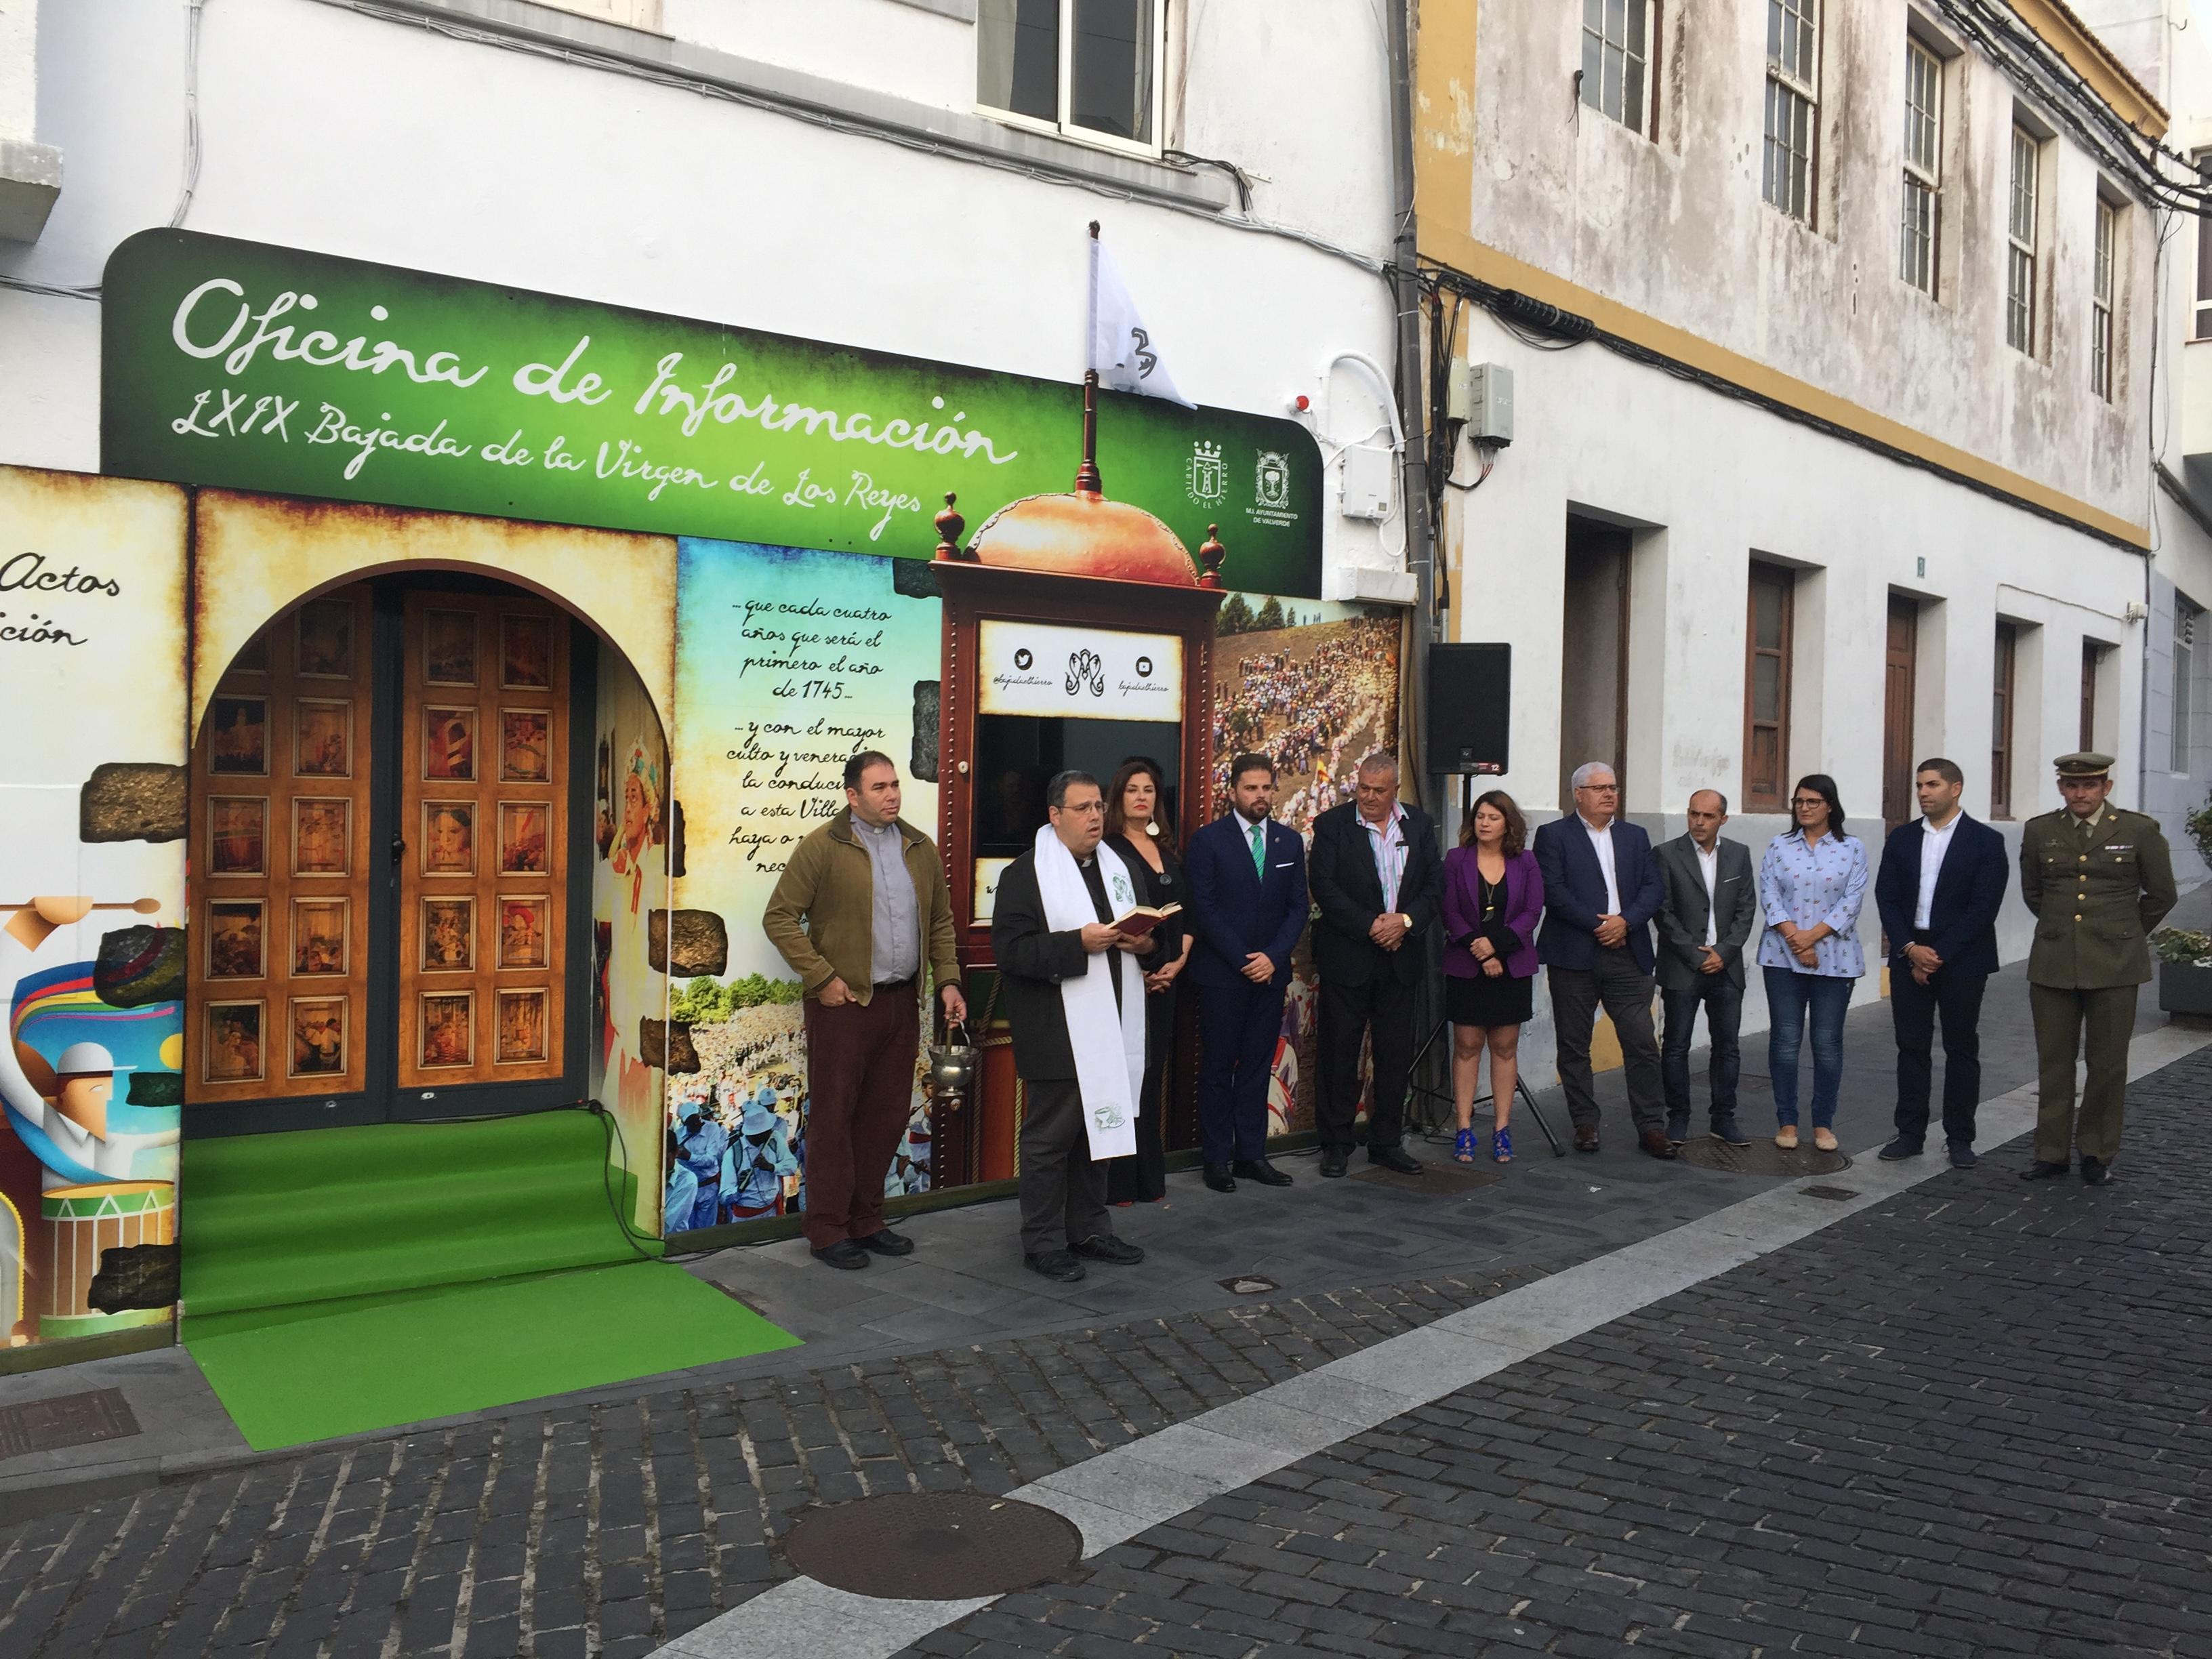 Fachada de la Oficina de la Bajada de la Virgen de Los Reyes en Valverde